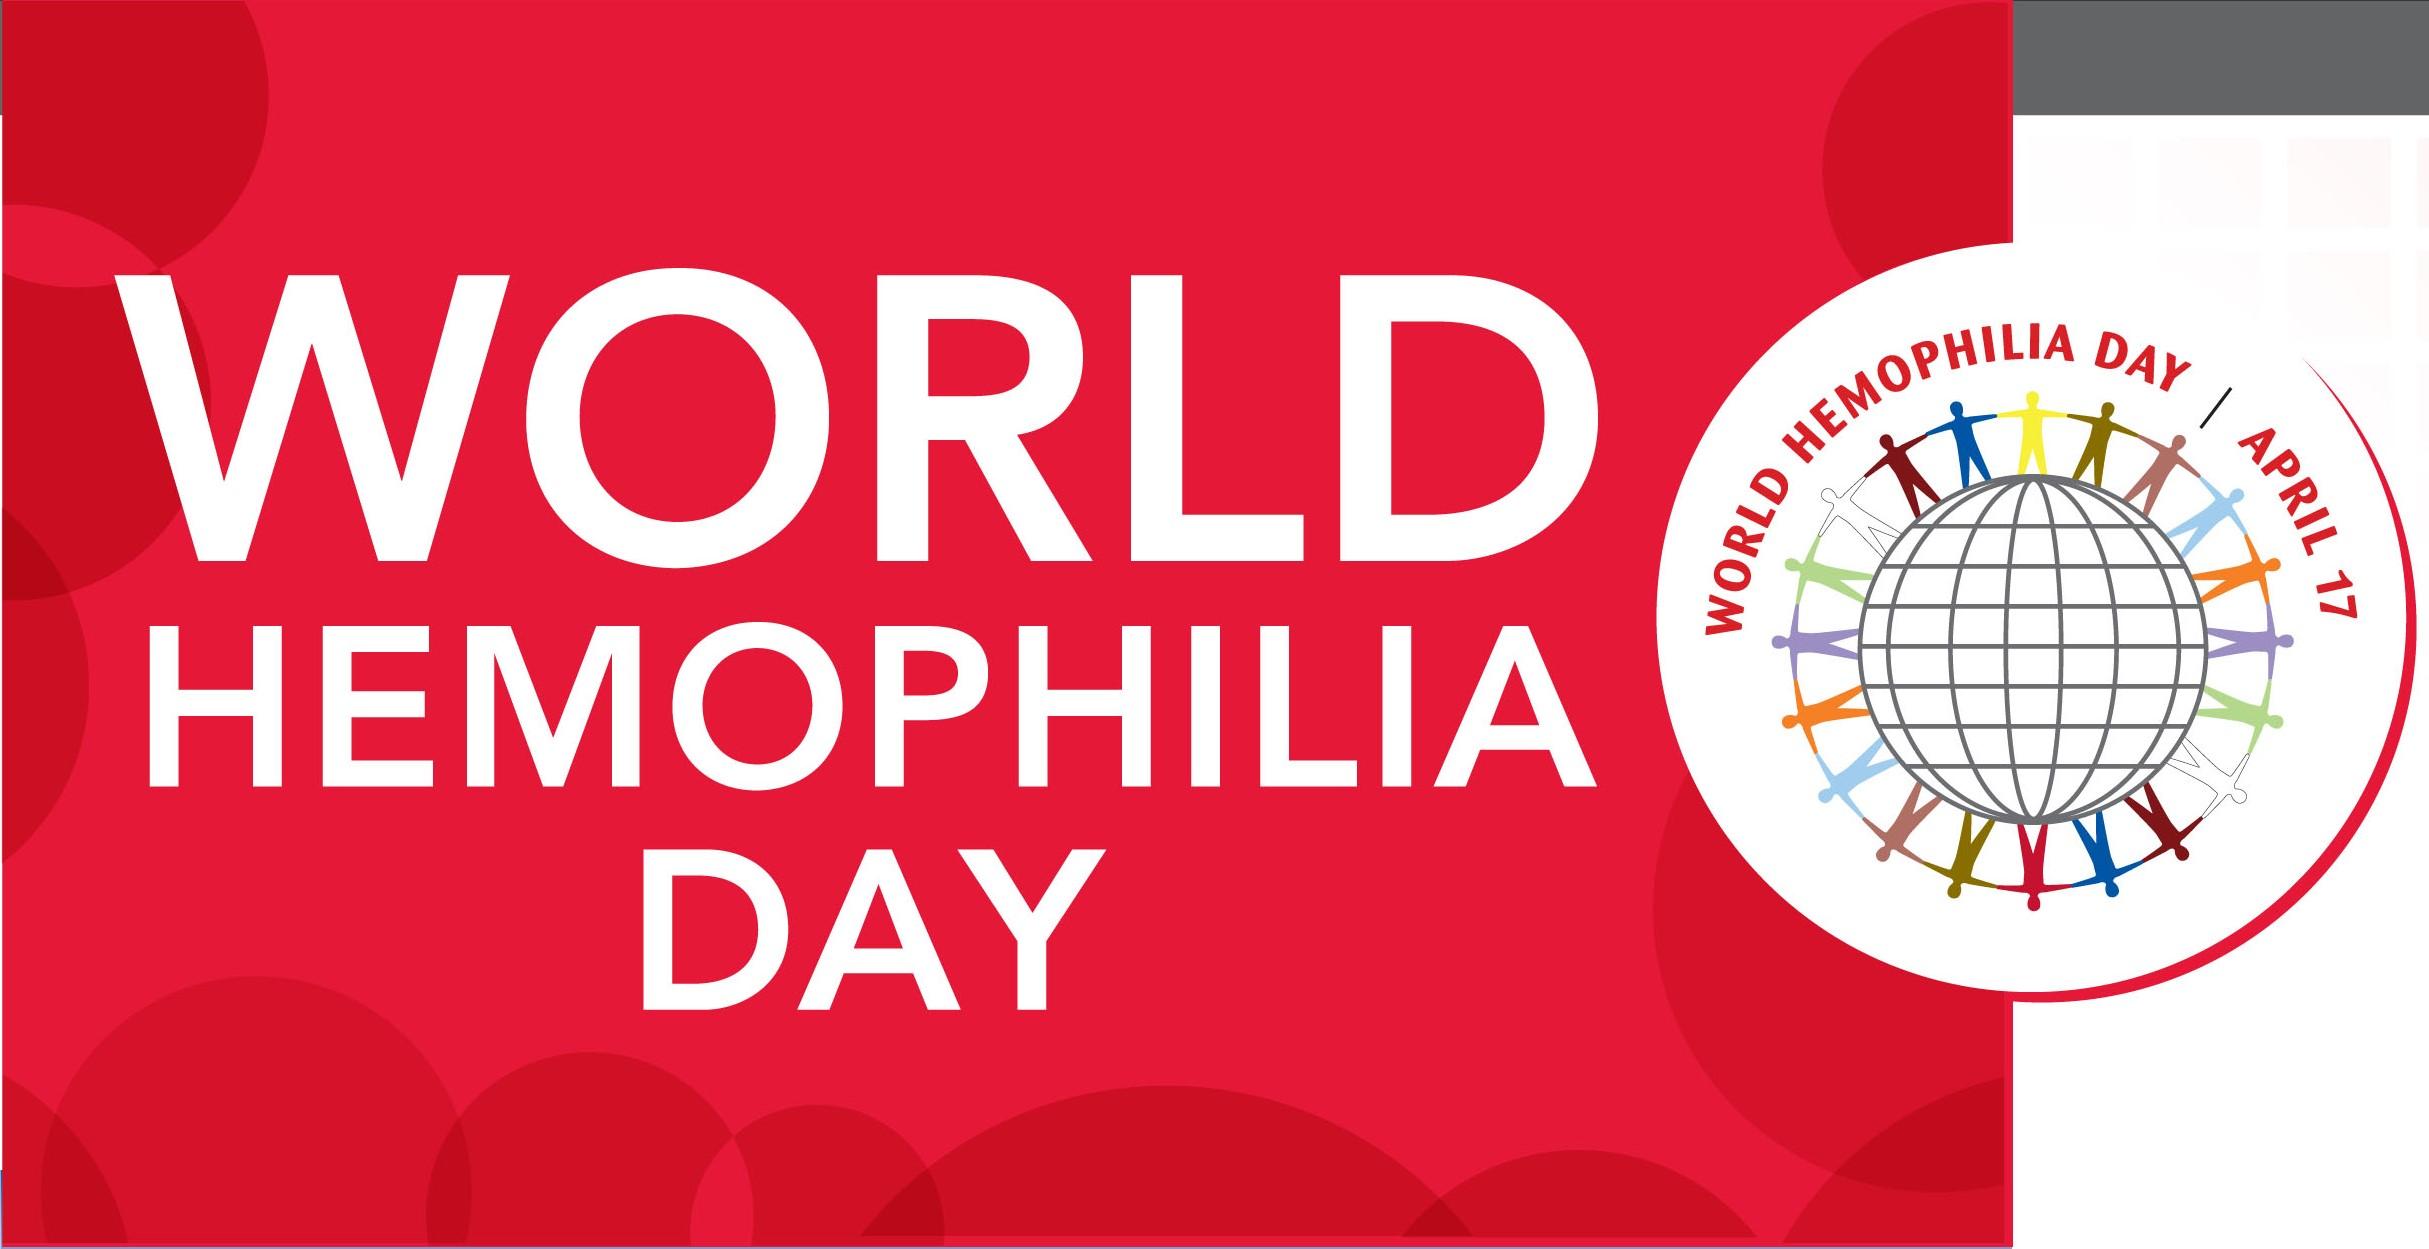 Svjetski dan hemofilije